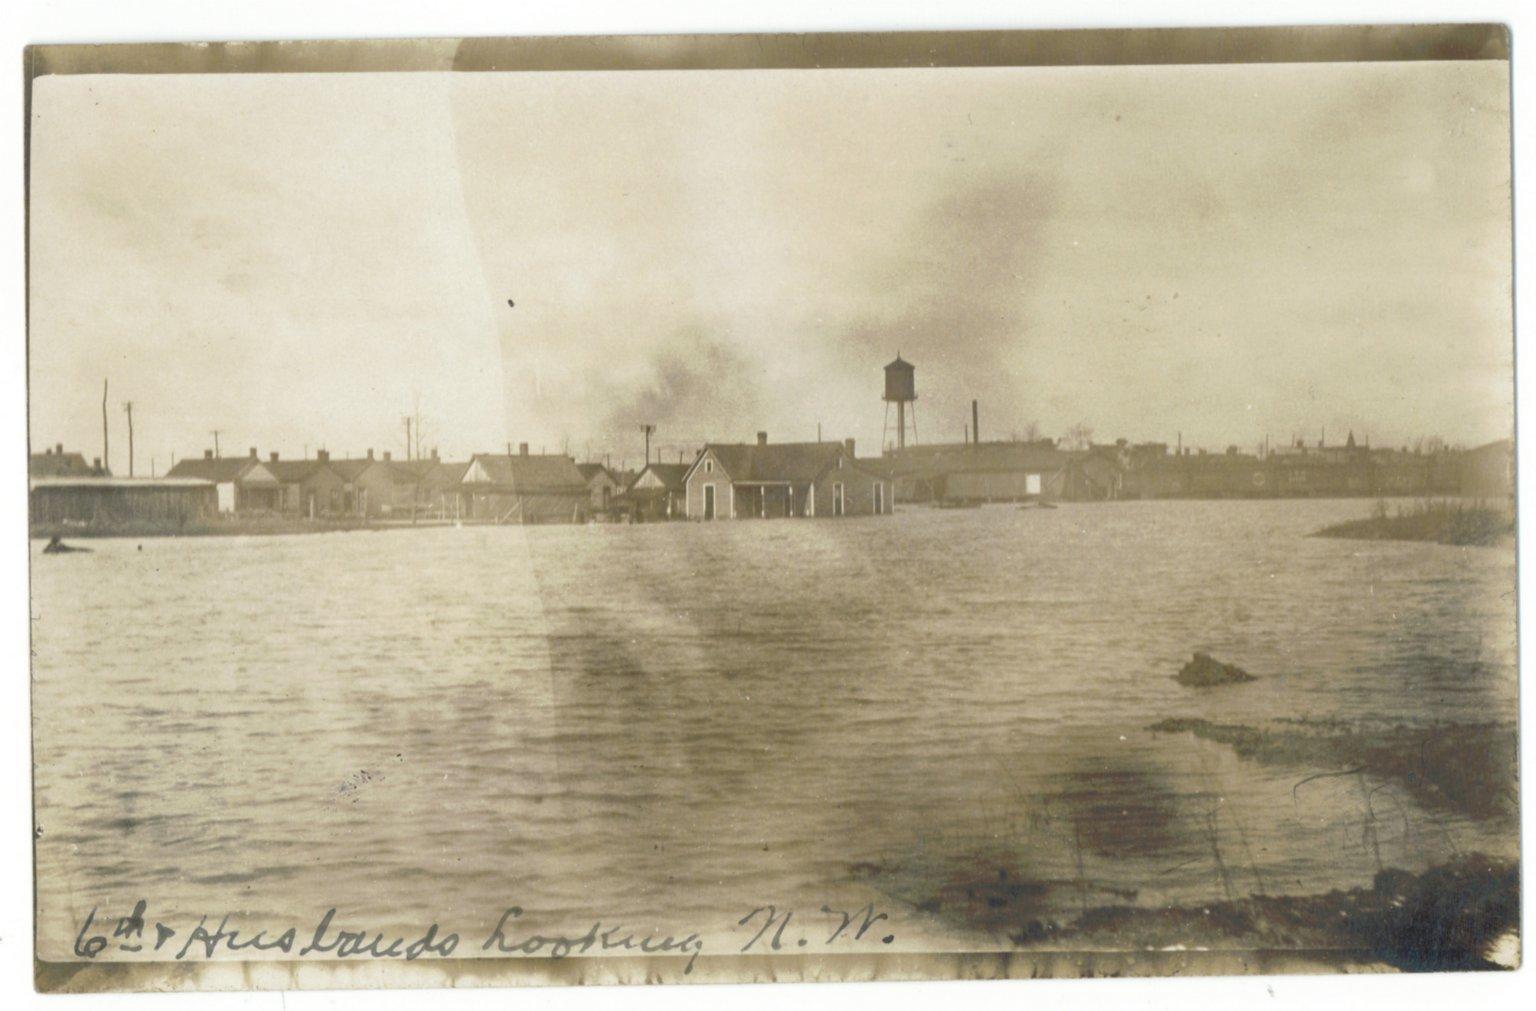 1913 Flood, 6th & Husbands Looking N.W.